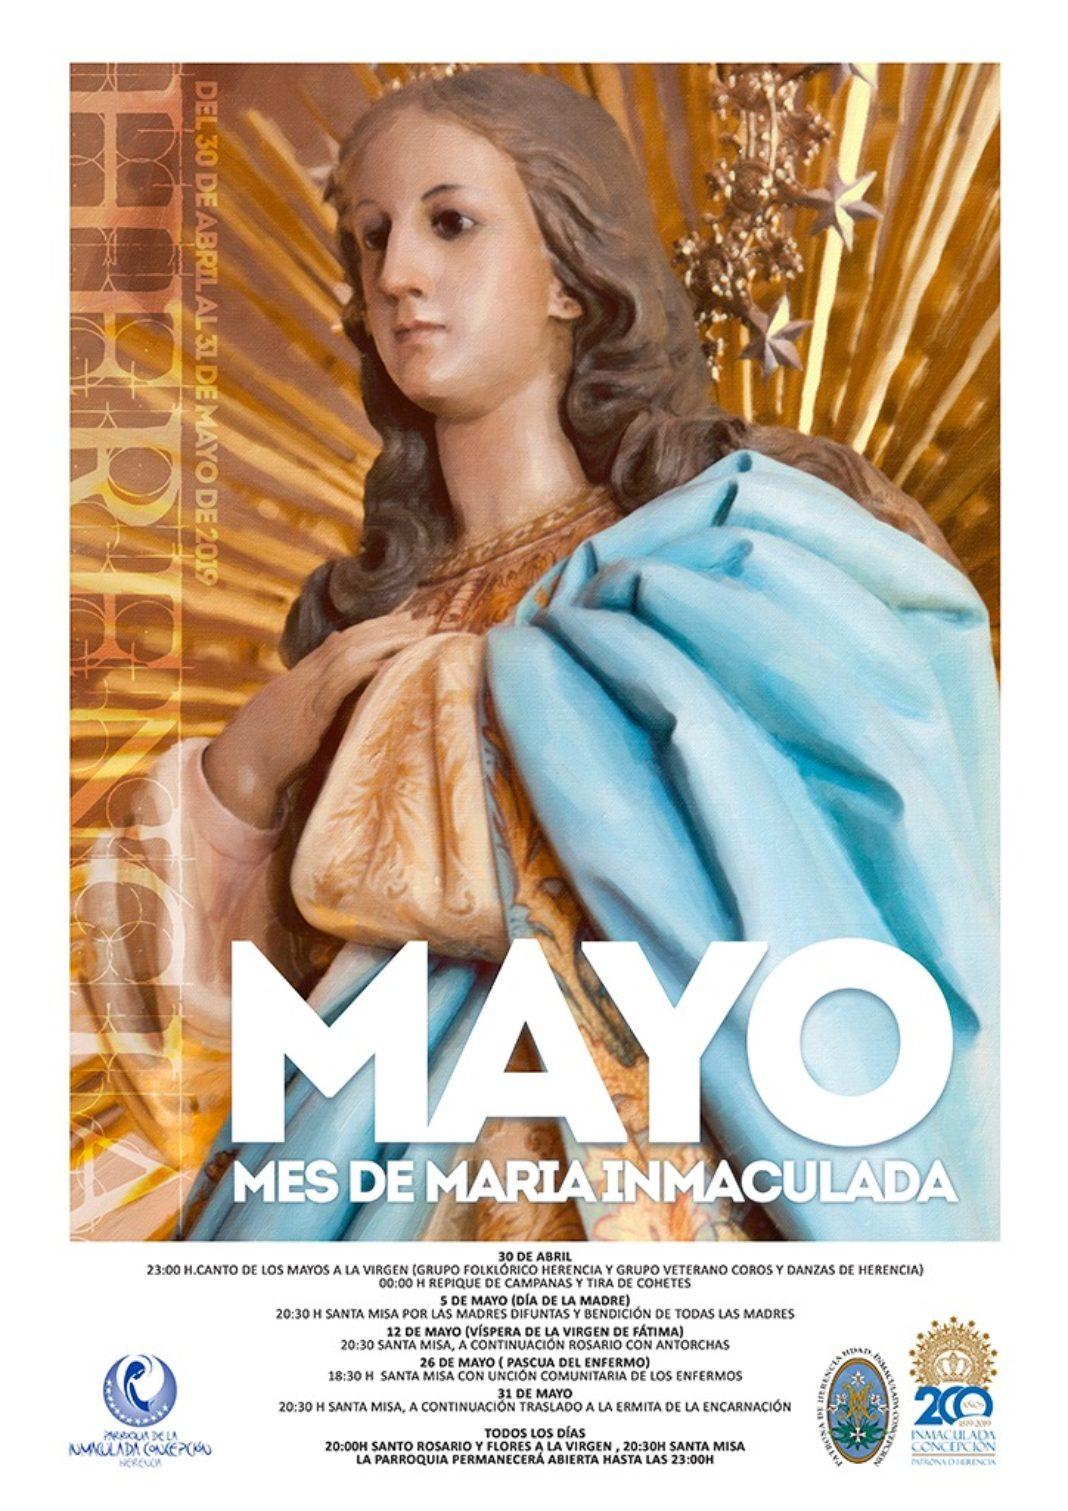 Mes de Mayo en la parroquia 1068x1511 - La Virgen de la Inmaculada será la protagonista durante el mes de mayo en la parroquia